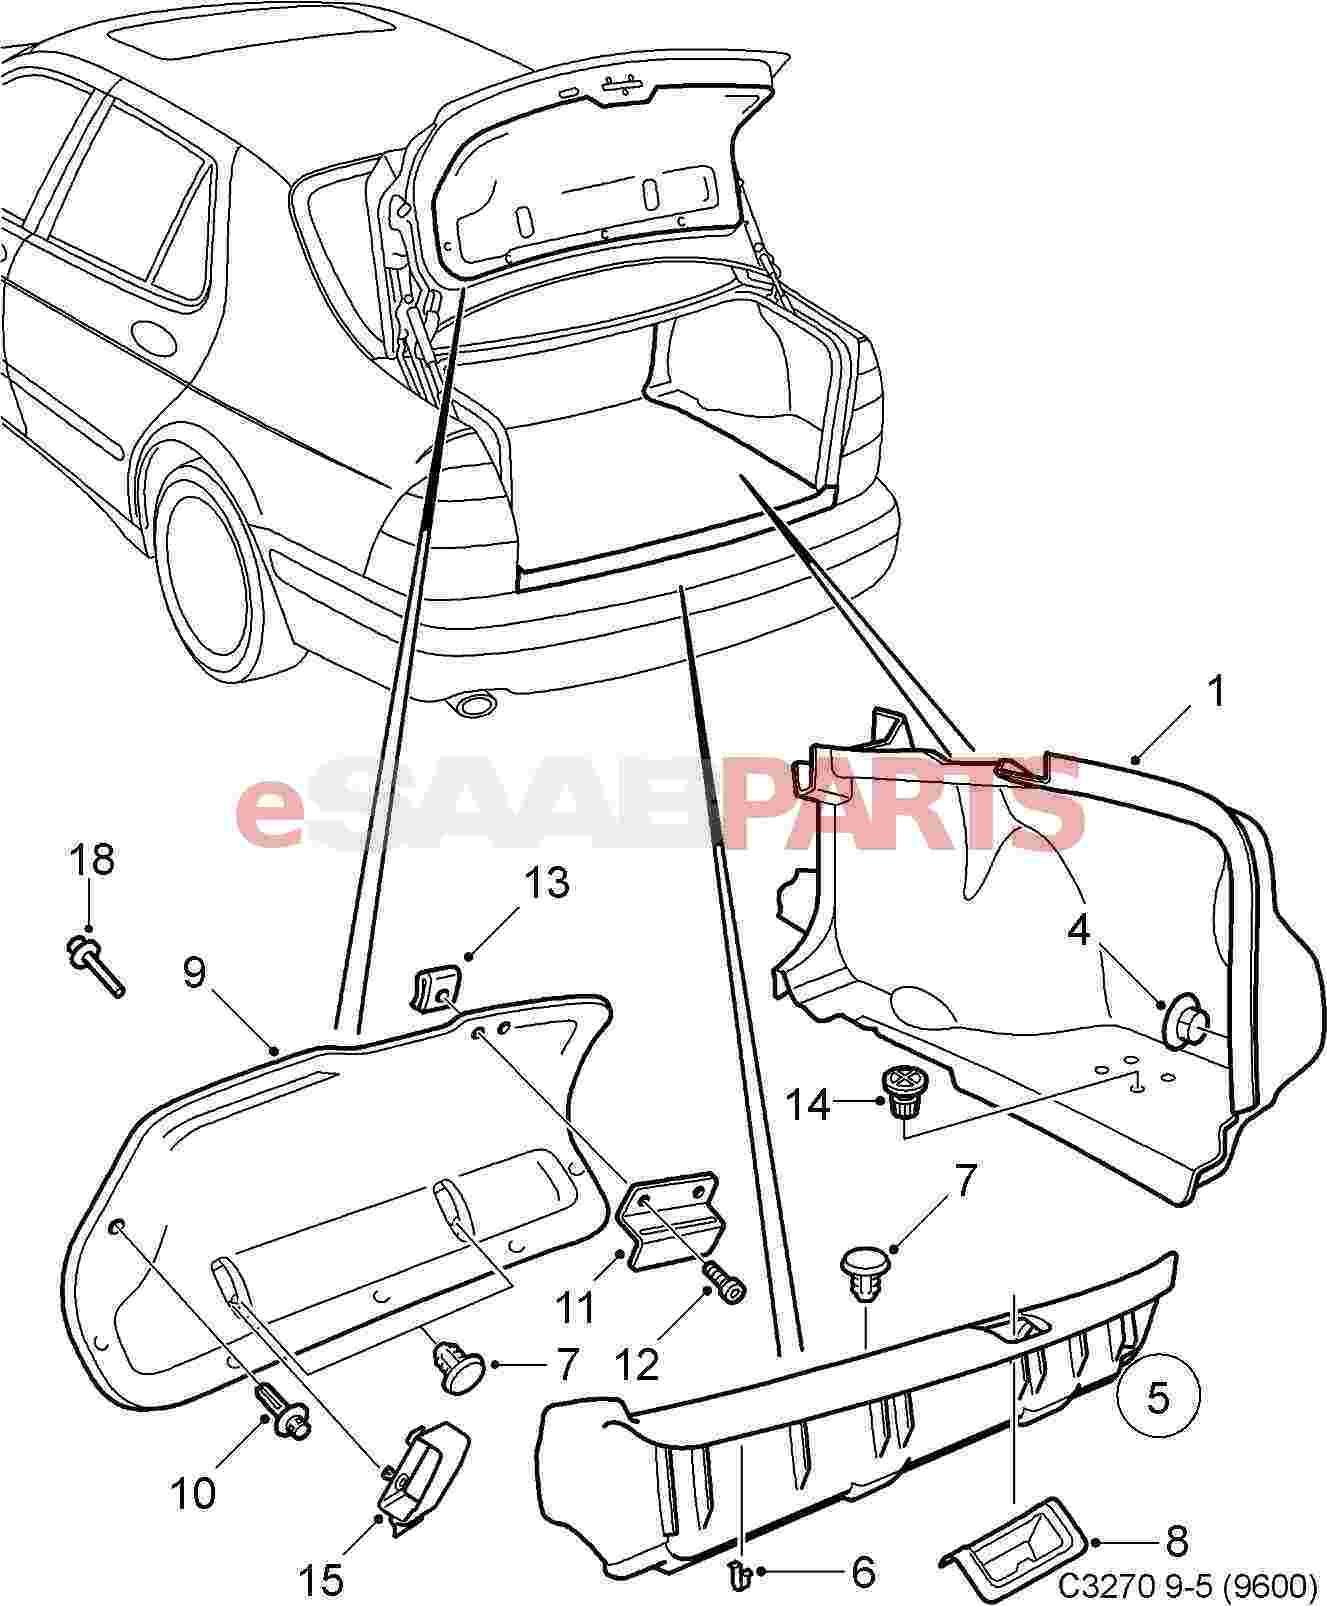 Esaabparts Com Saab 9 5 9600 Car Body External Parts Trunk